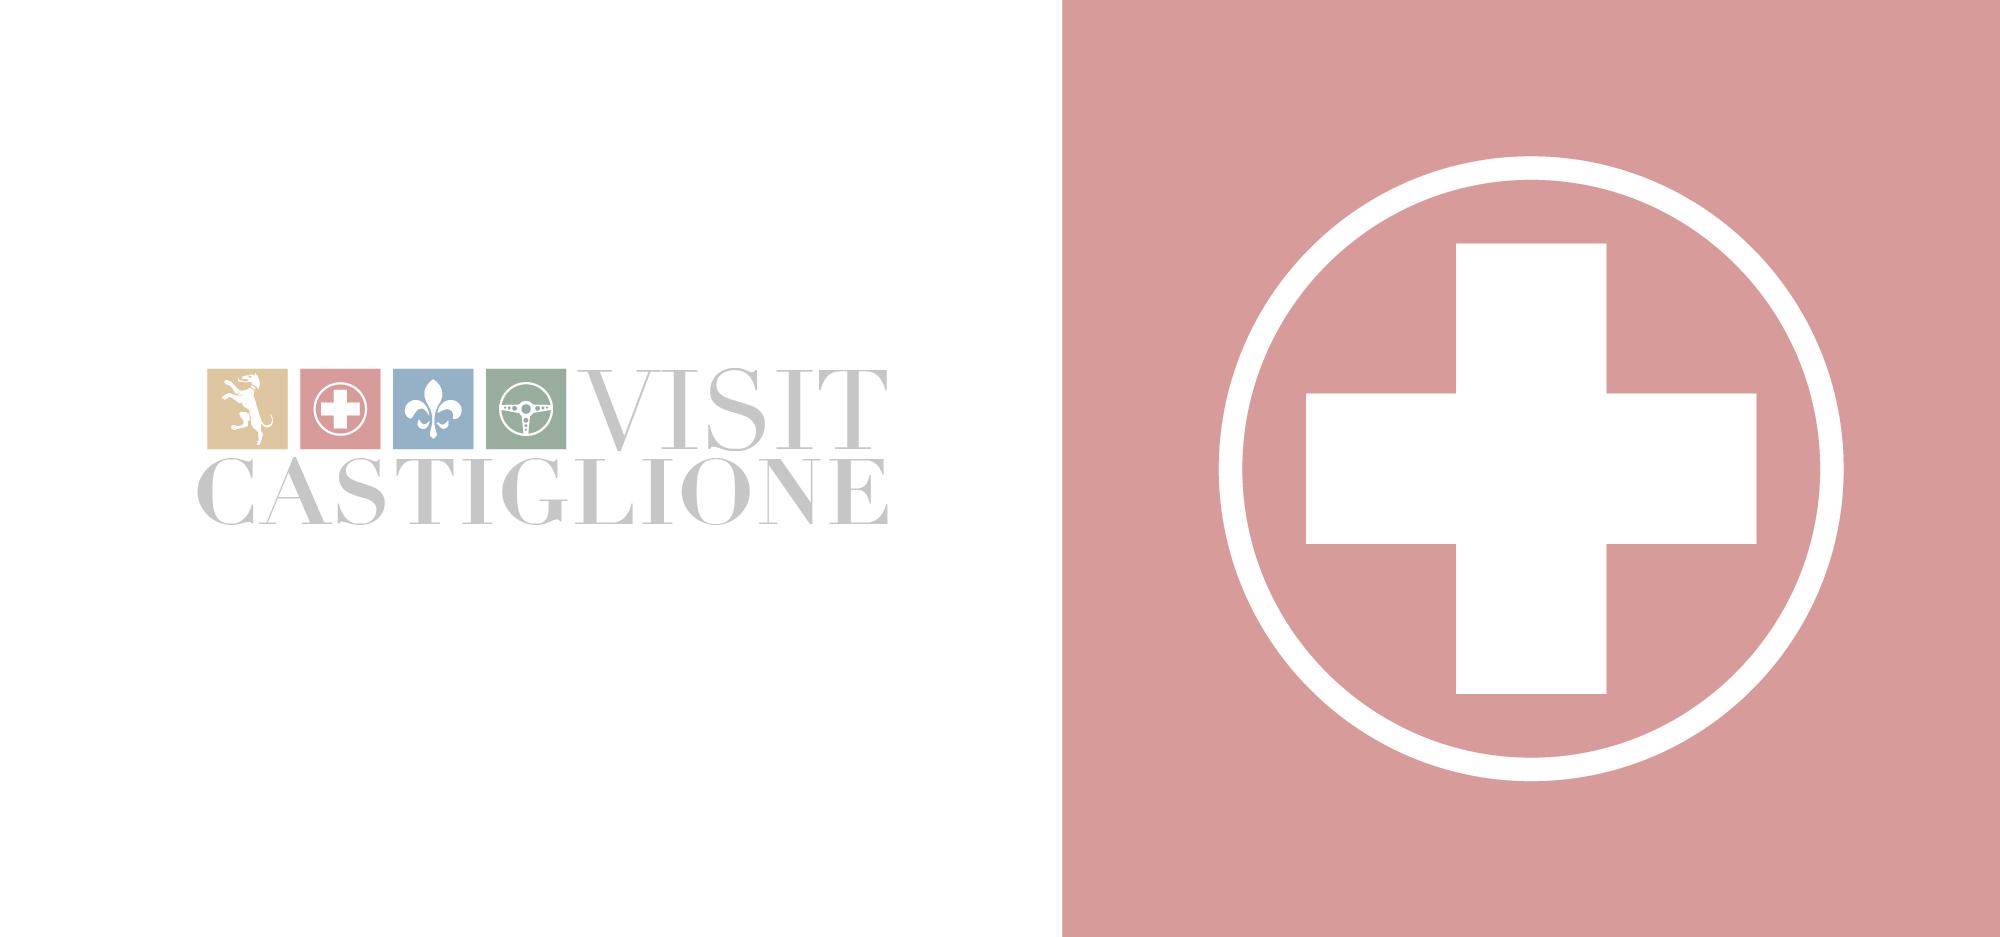 visit-castiglione-03